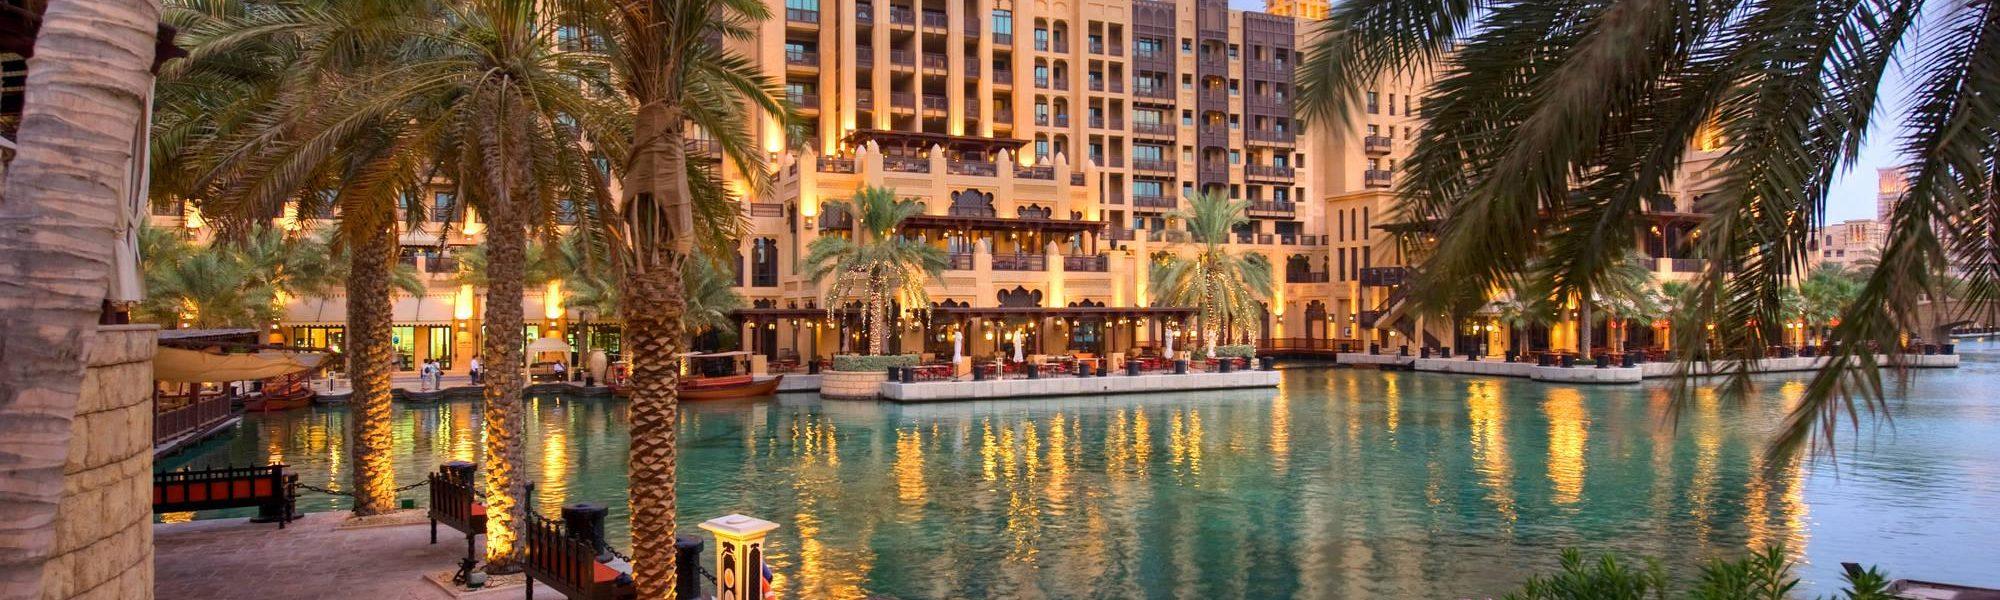 Наиболее популярные отели в ОАЭ